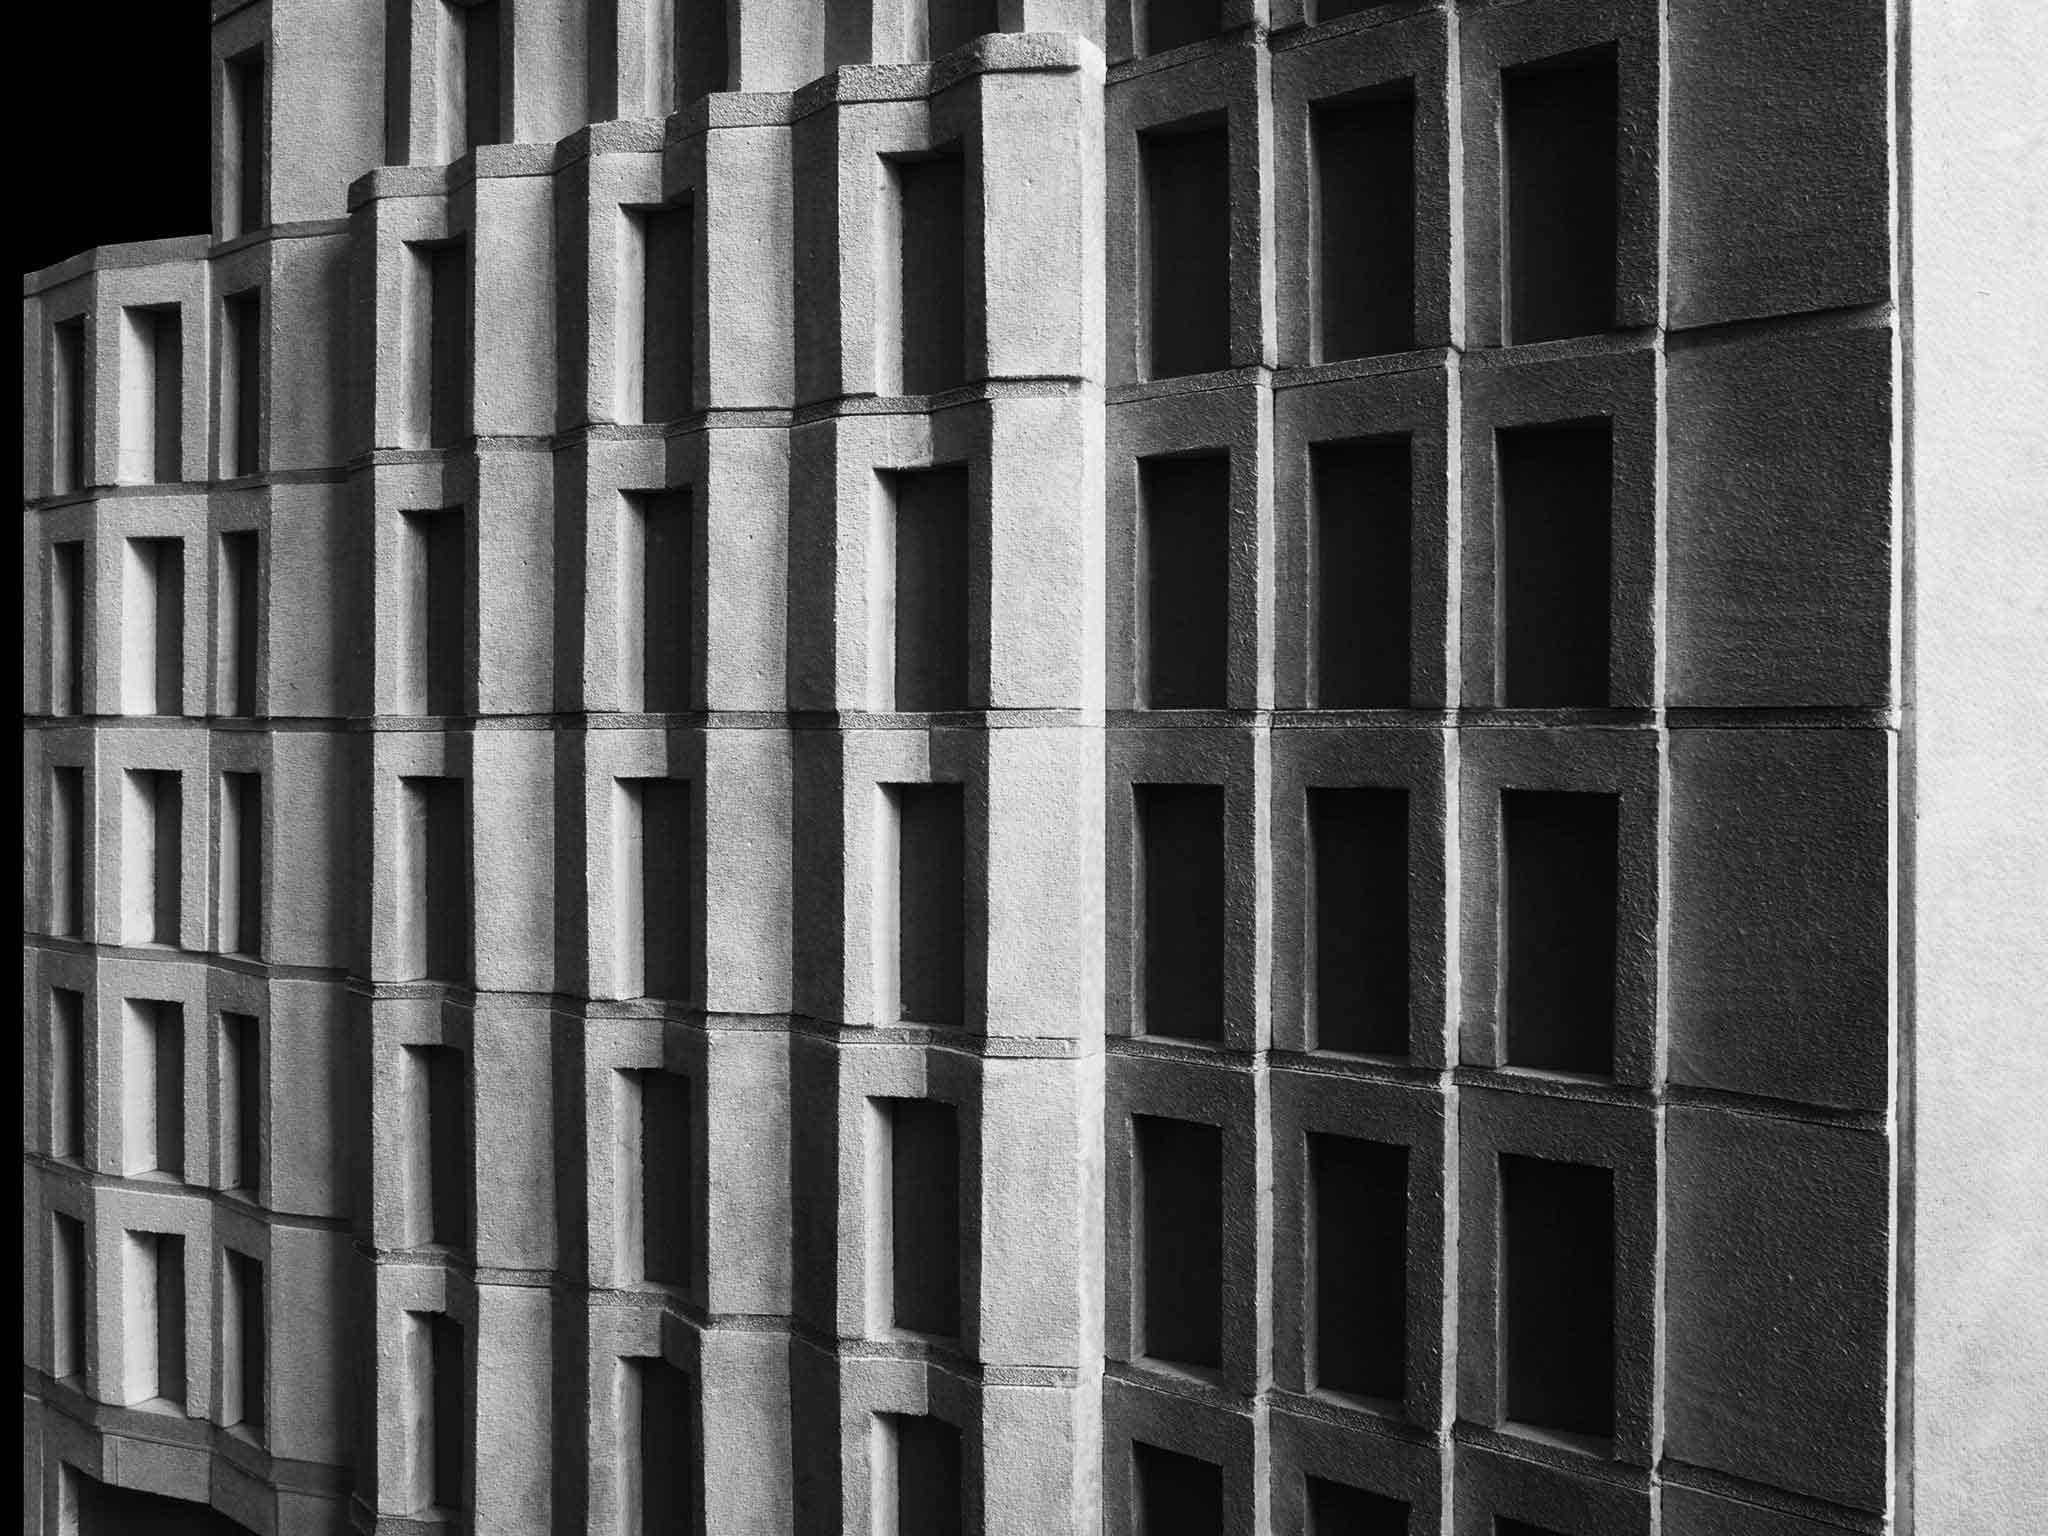 Hotel Facade Reeperbahn